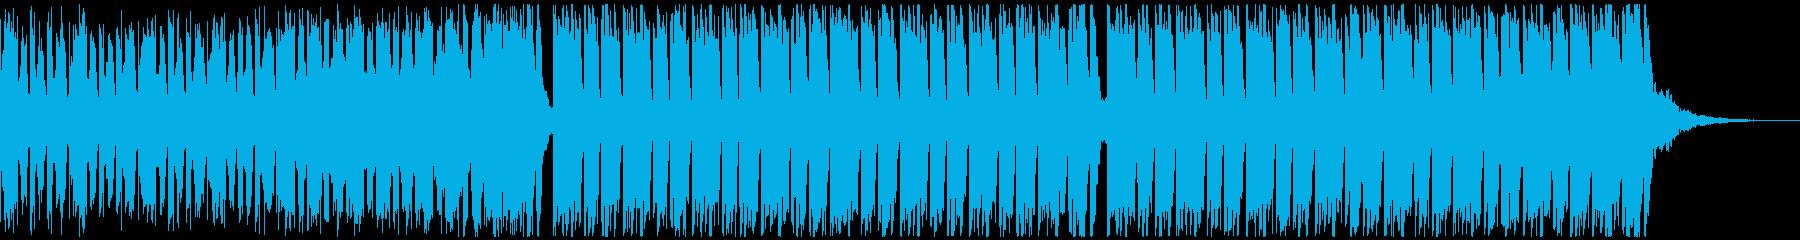 スポーツ音楽(60秒)の再生済みの波形